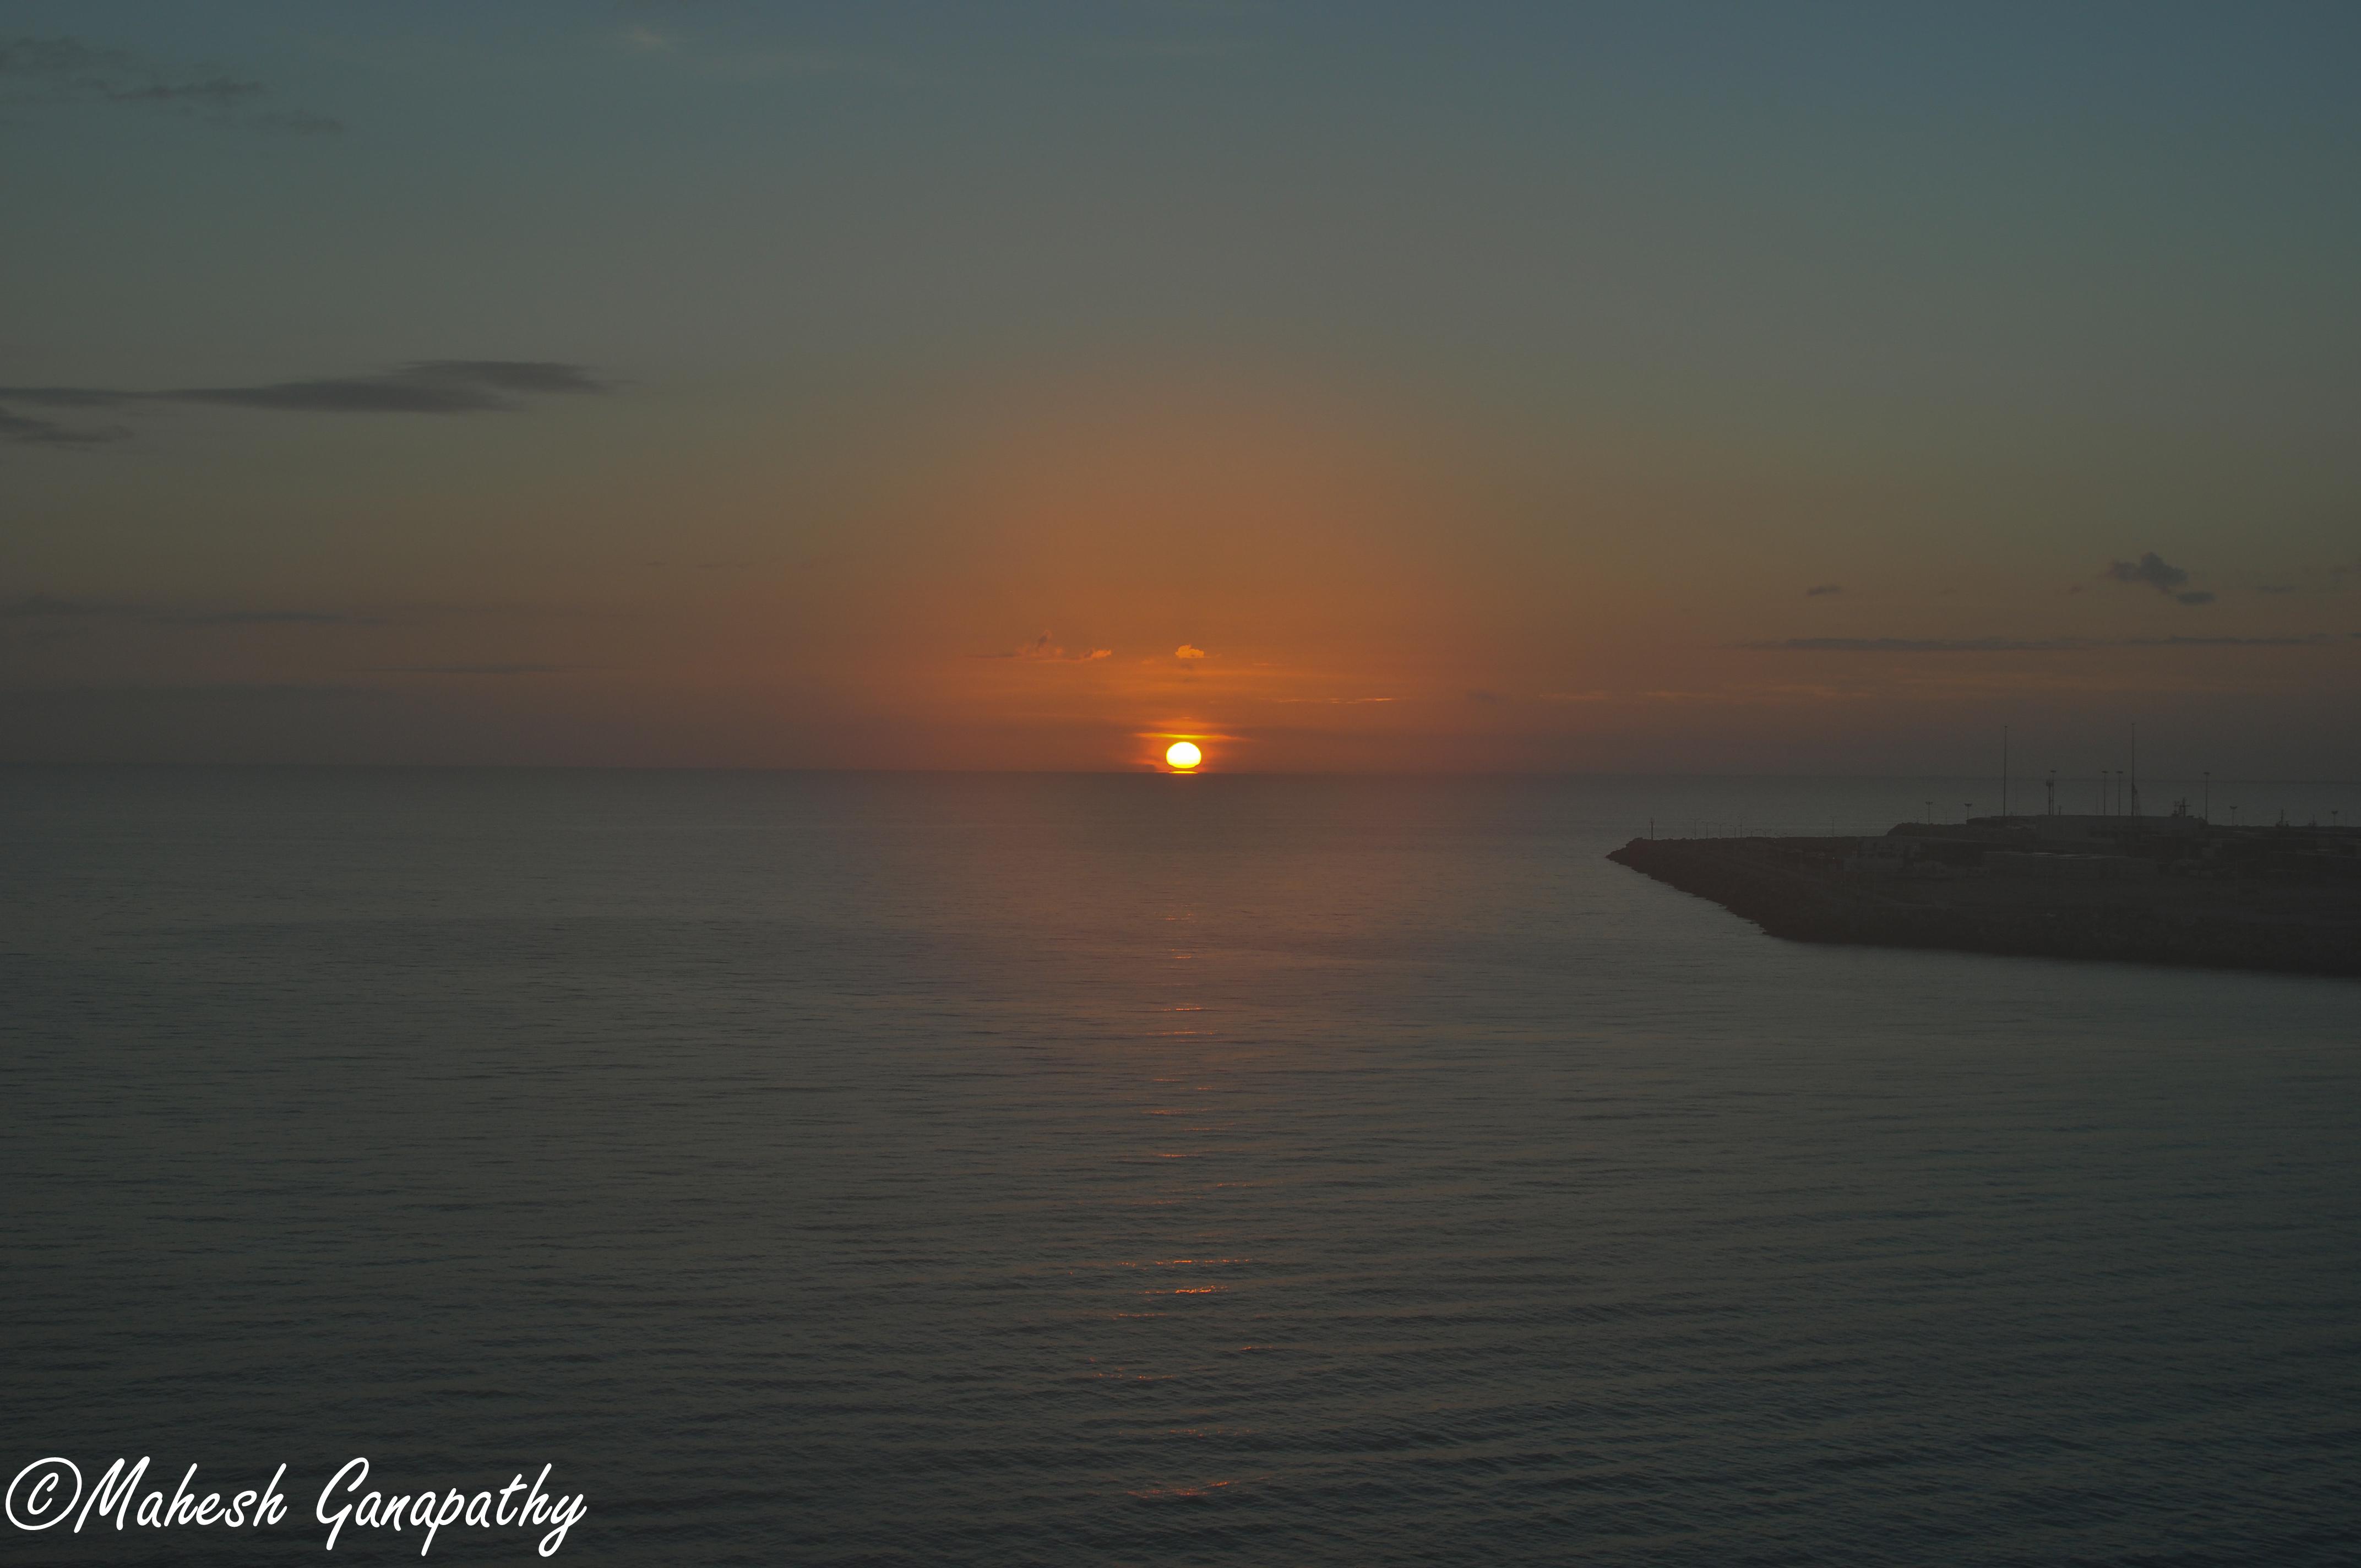 Chuburna Puerto, Chuburná, Yuc , Mexico Sunrise Sunset Times